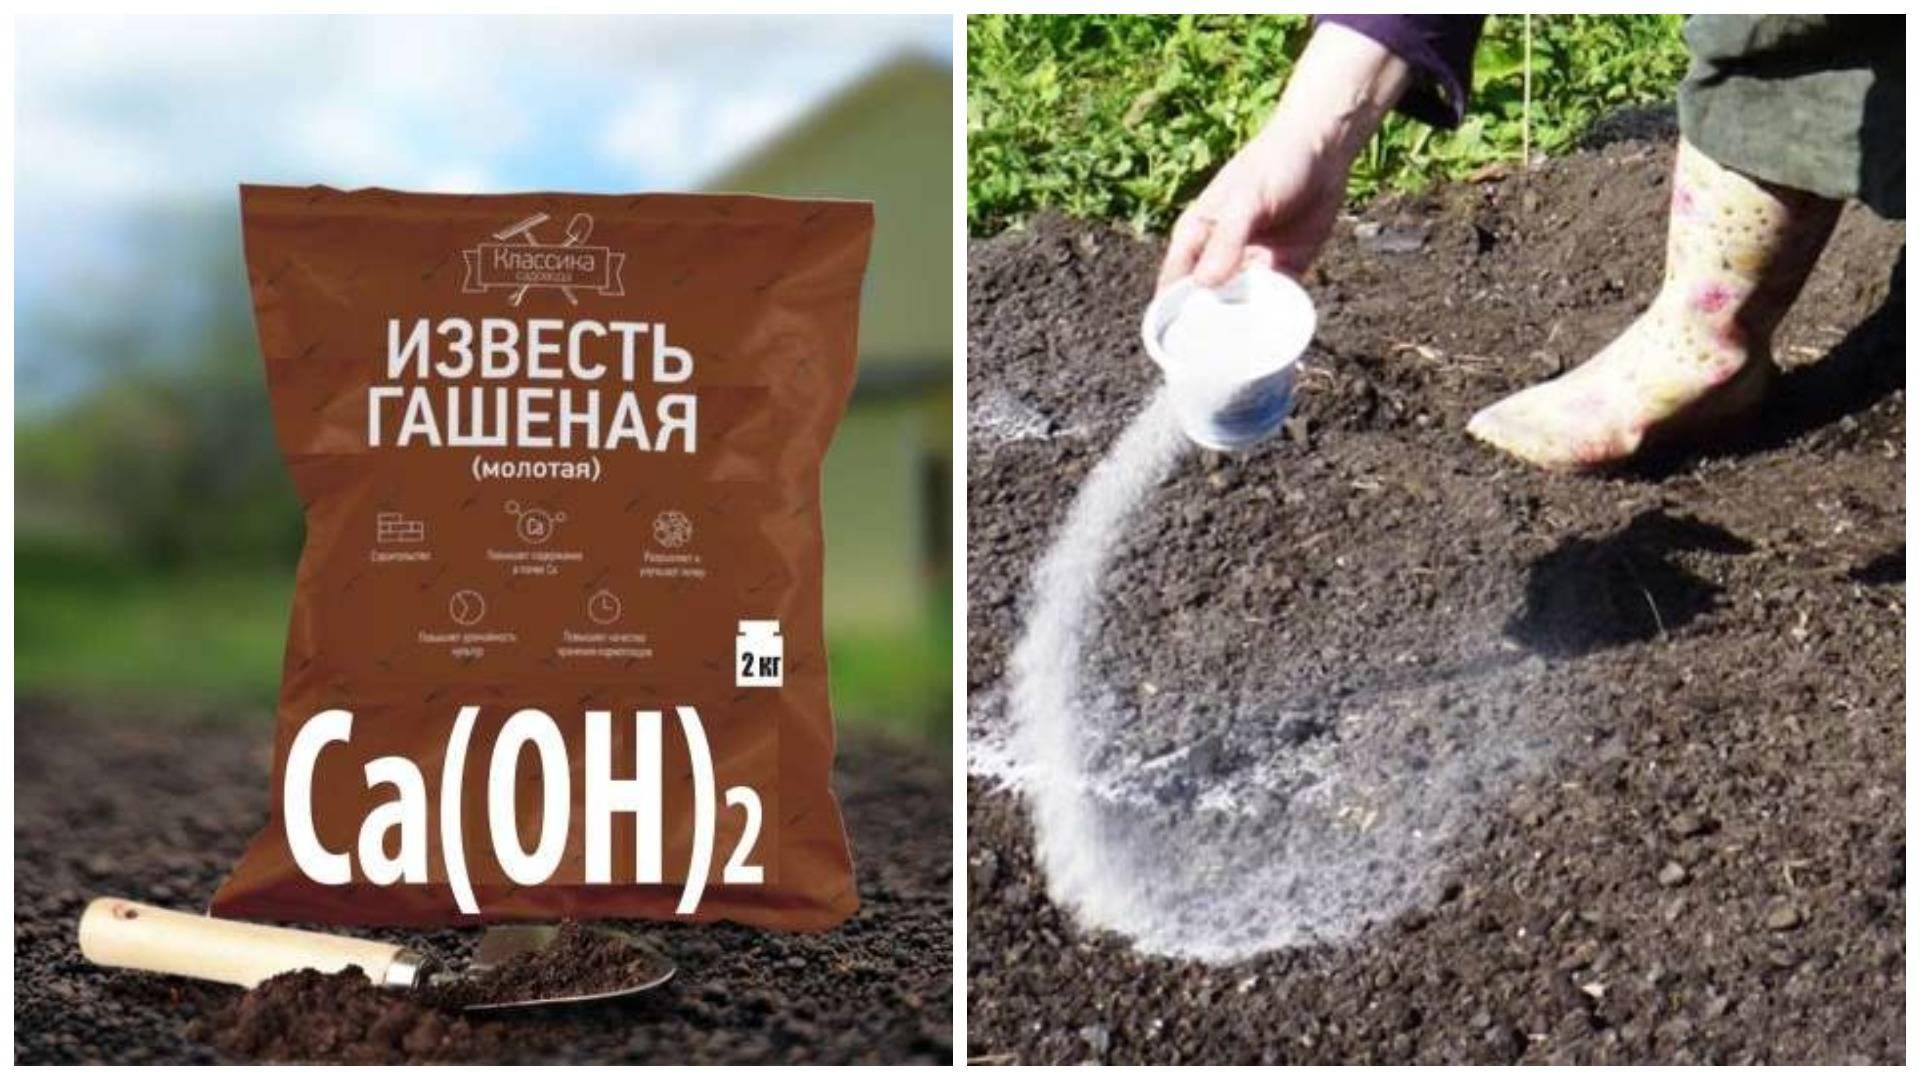 Как быстро избавиться от проволочника в картошке: лучшие методы